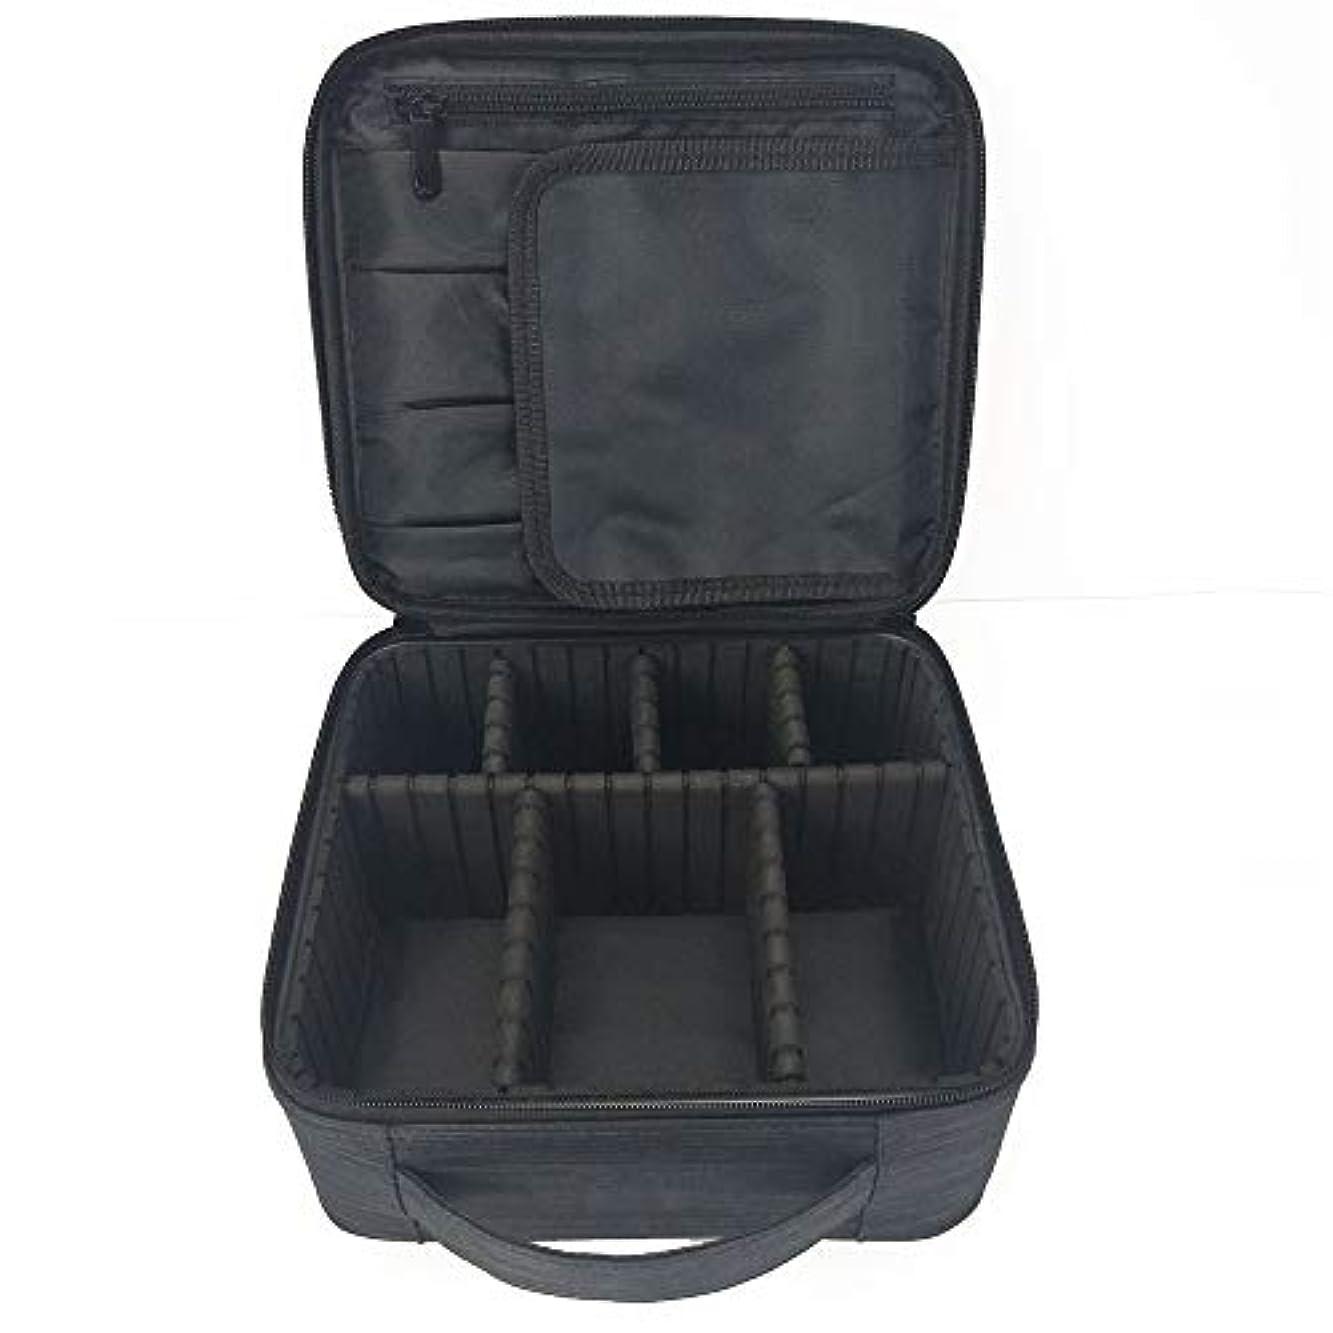 王女旧正月しおれた化粧オーガナイザーバッグ 調整可能な仕切り付き防水メイクアップバッグ旅行化粧ケースブラシホルダー 化粧品ケース